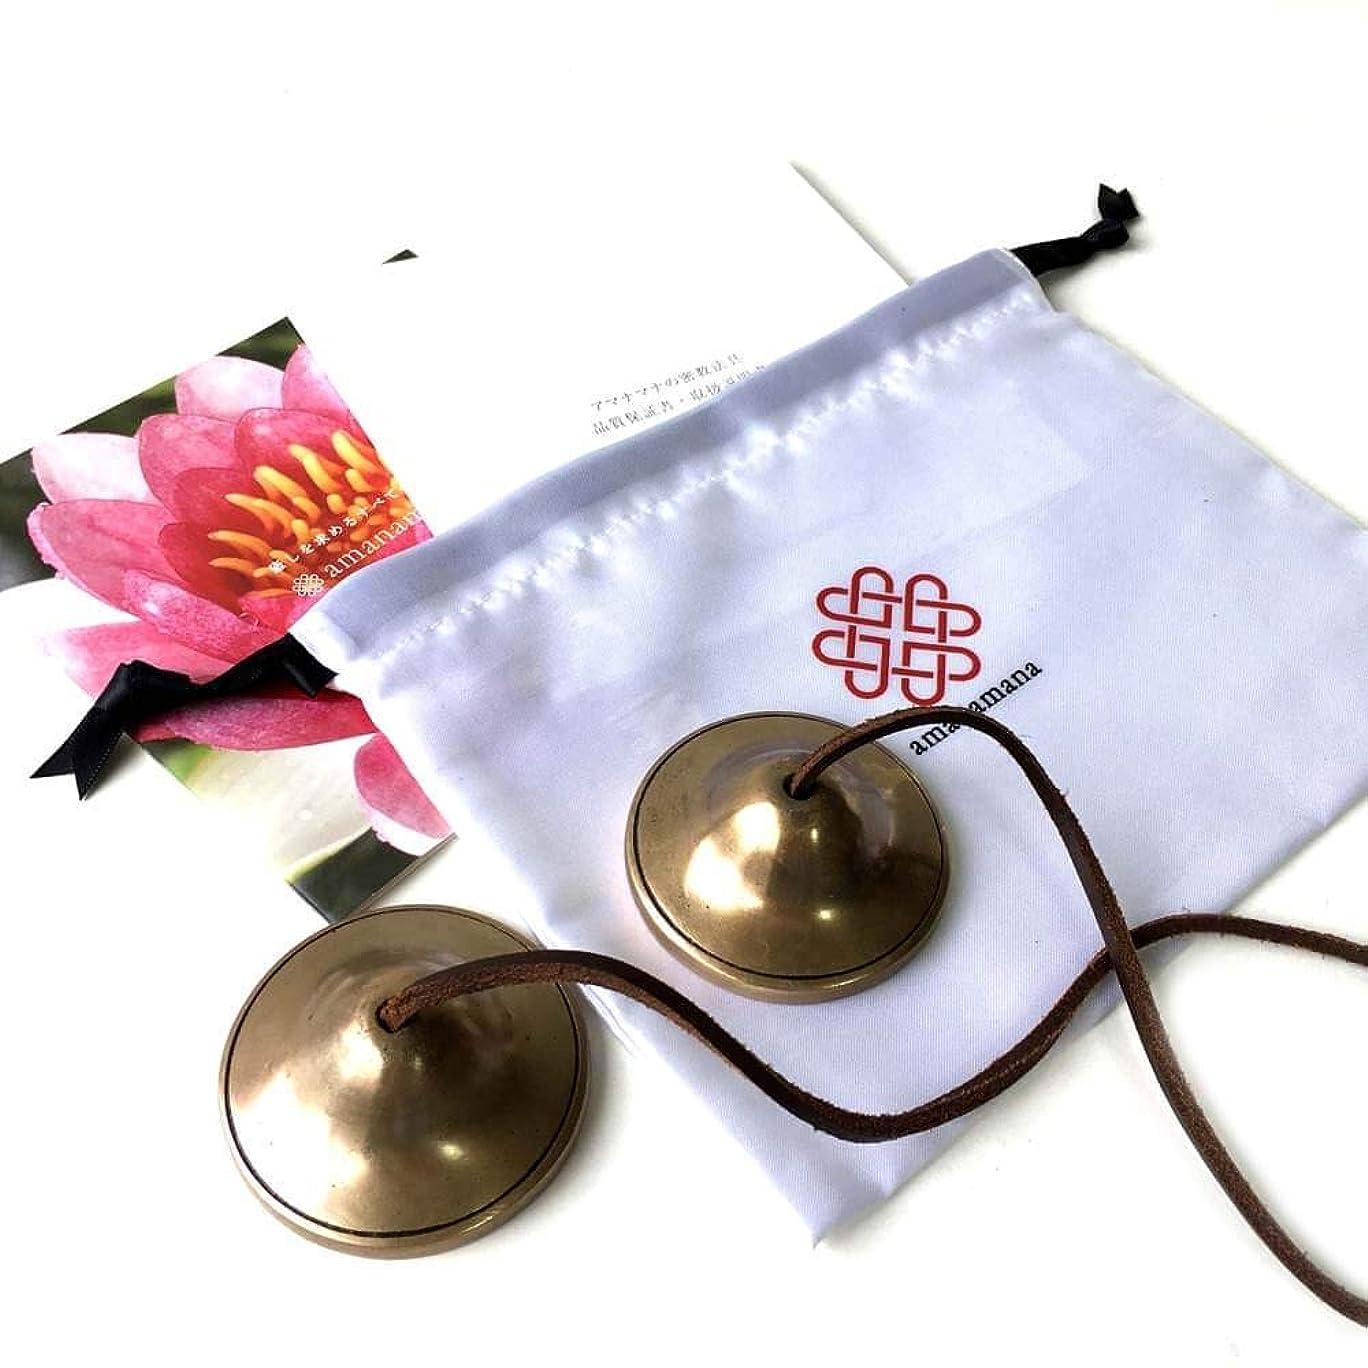 アジア人膨らみカウボーイ【公式】アマナマナ スペシャルティンシャ?プチ ヨガ 癒し 浄化 瞑想 ヒーリング チベタン ベル